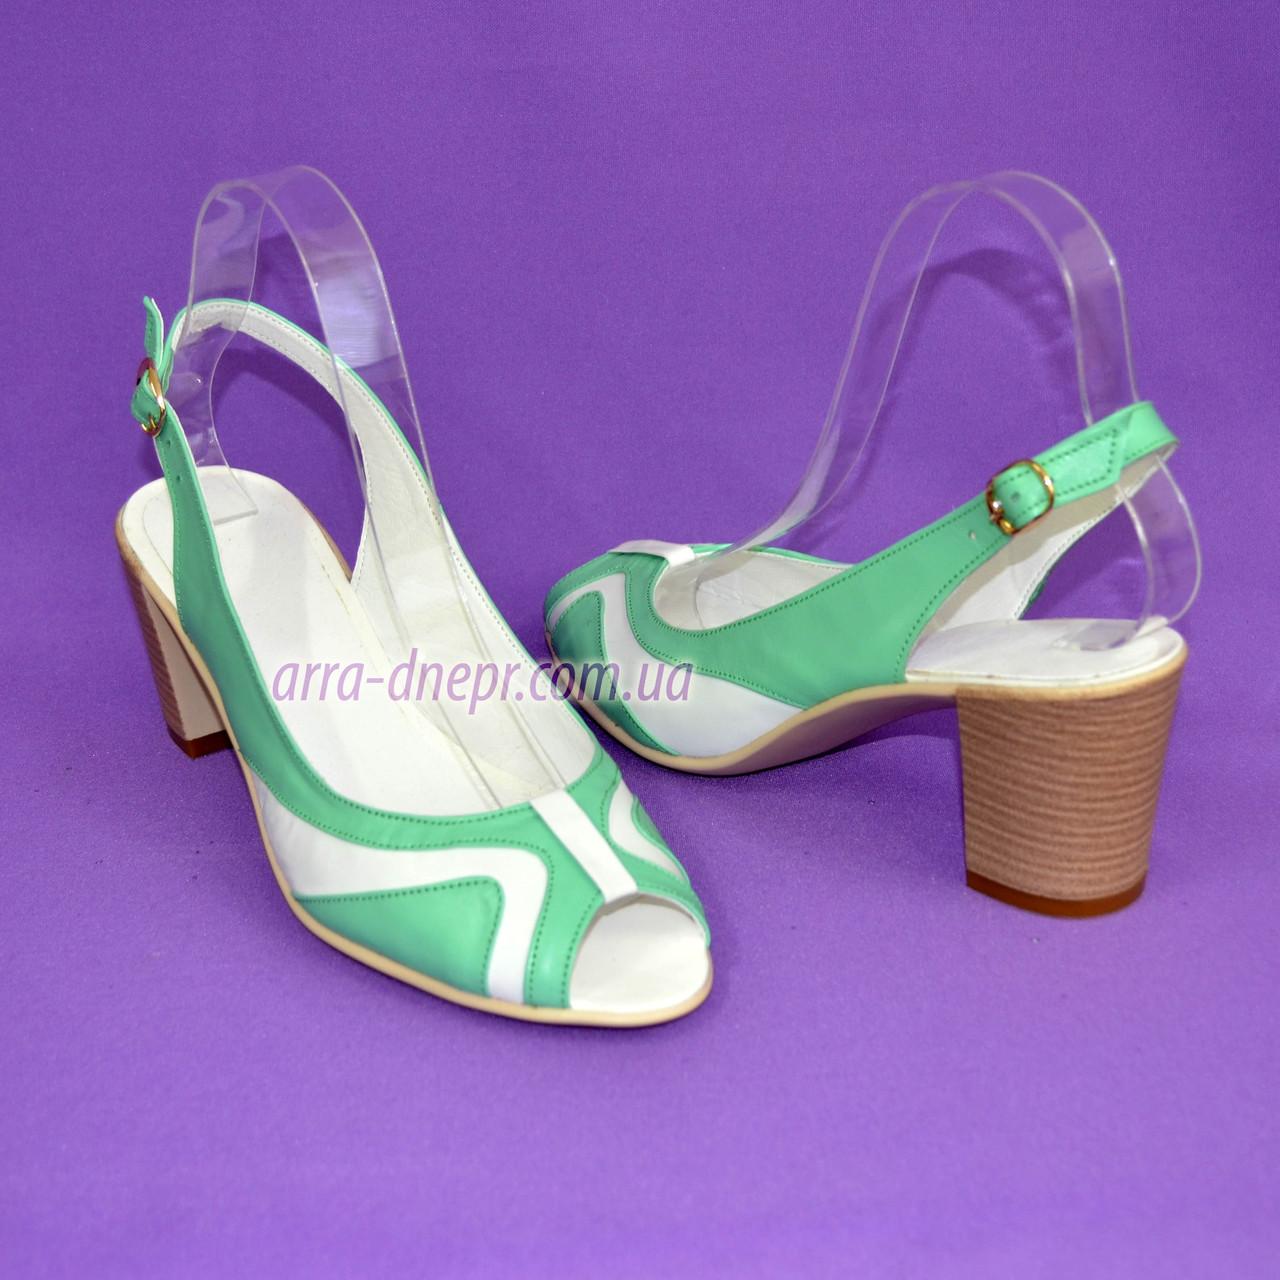 Классические кожаные босоножки женские на каблуке, цвет мята/белый